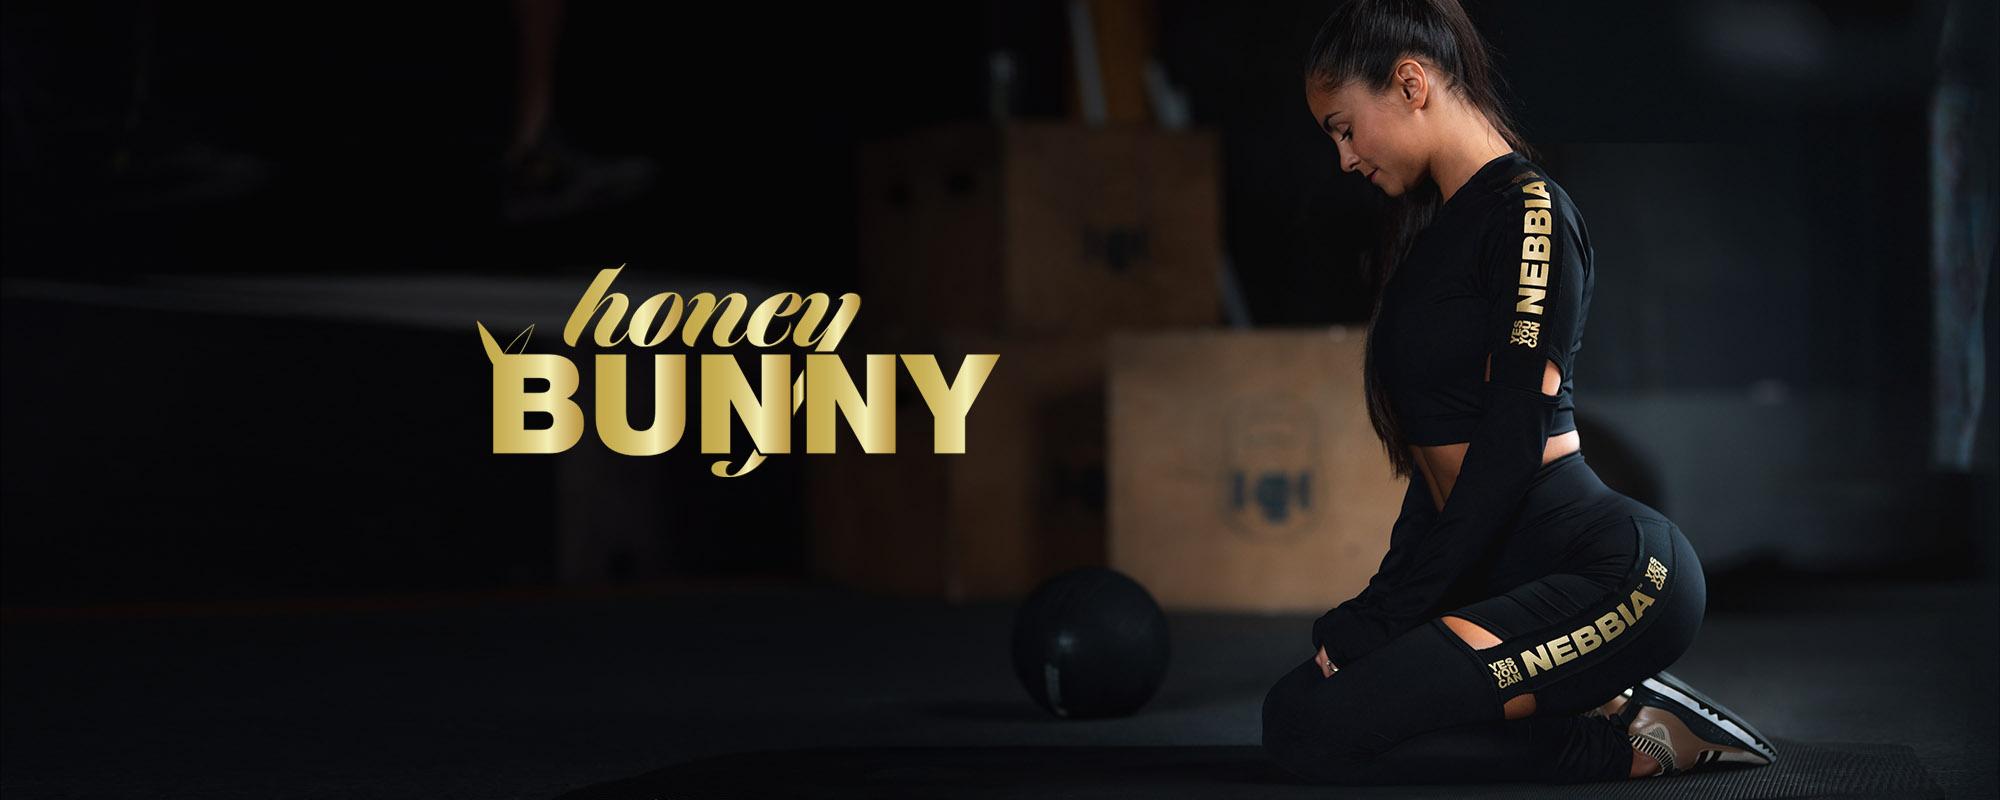 NEBBIA Honey Bunny